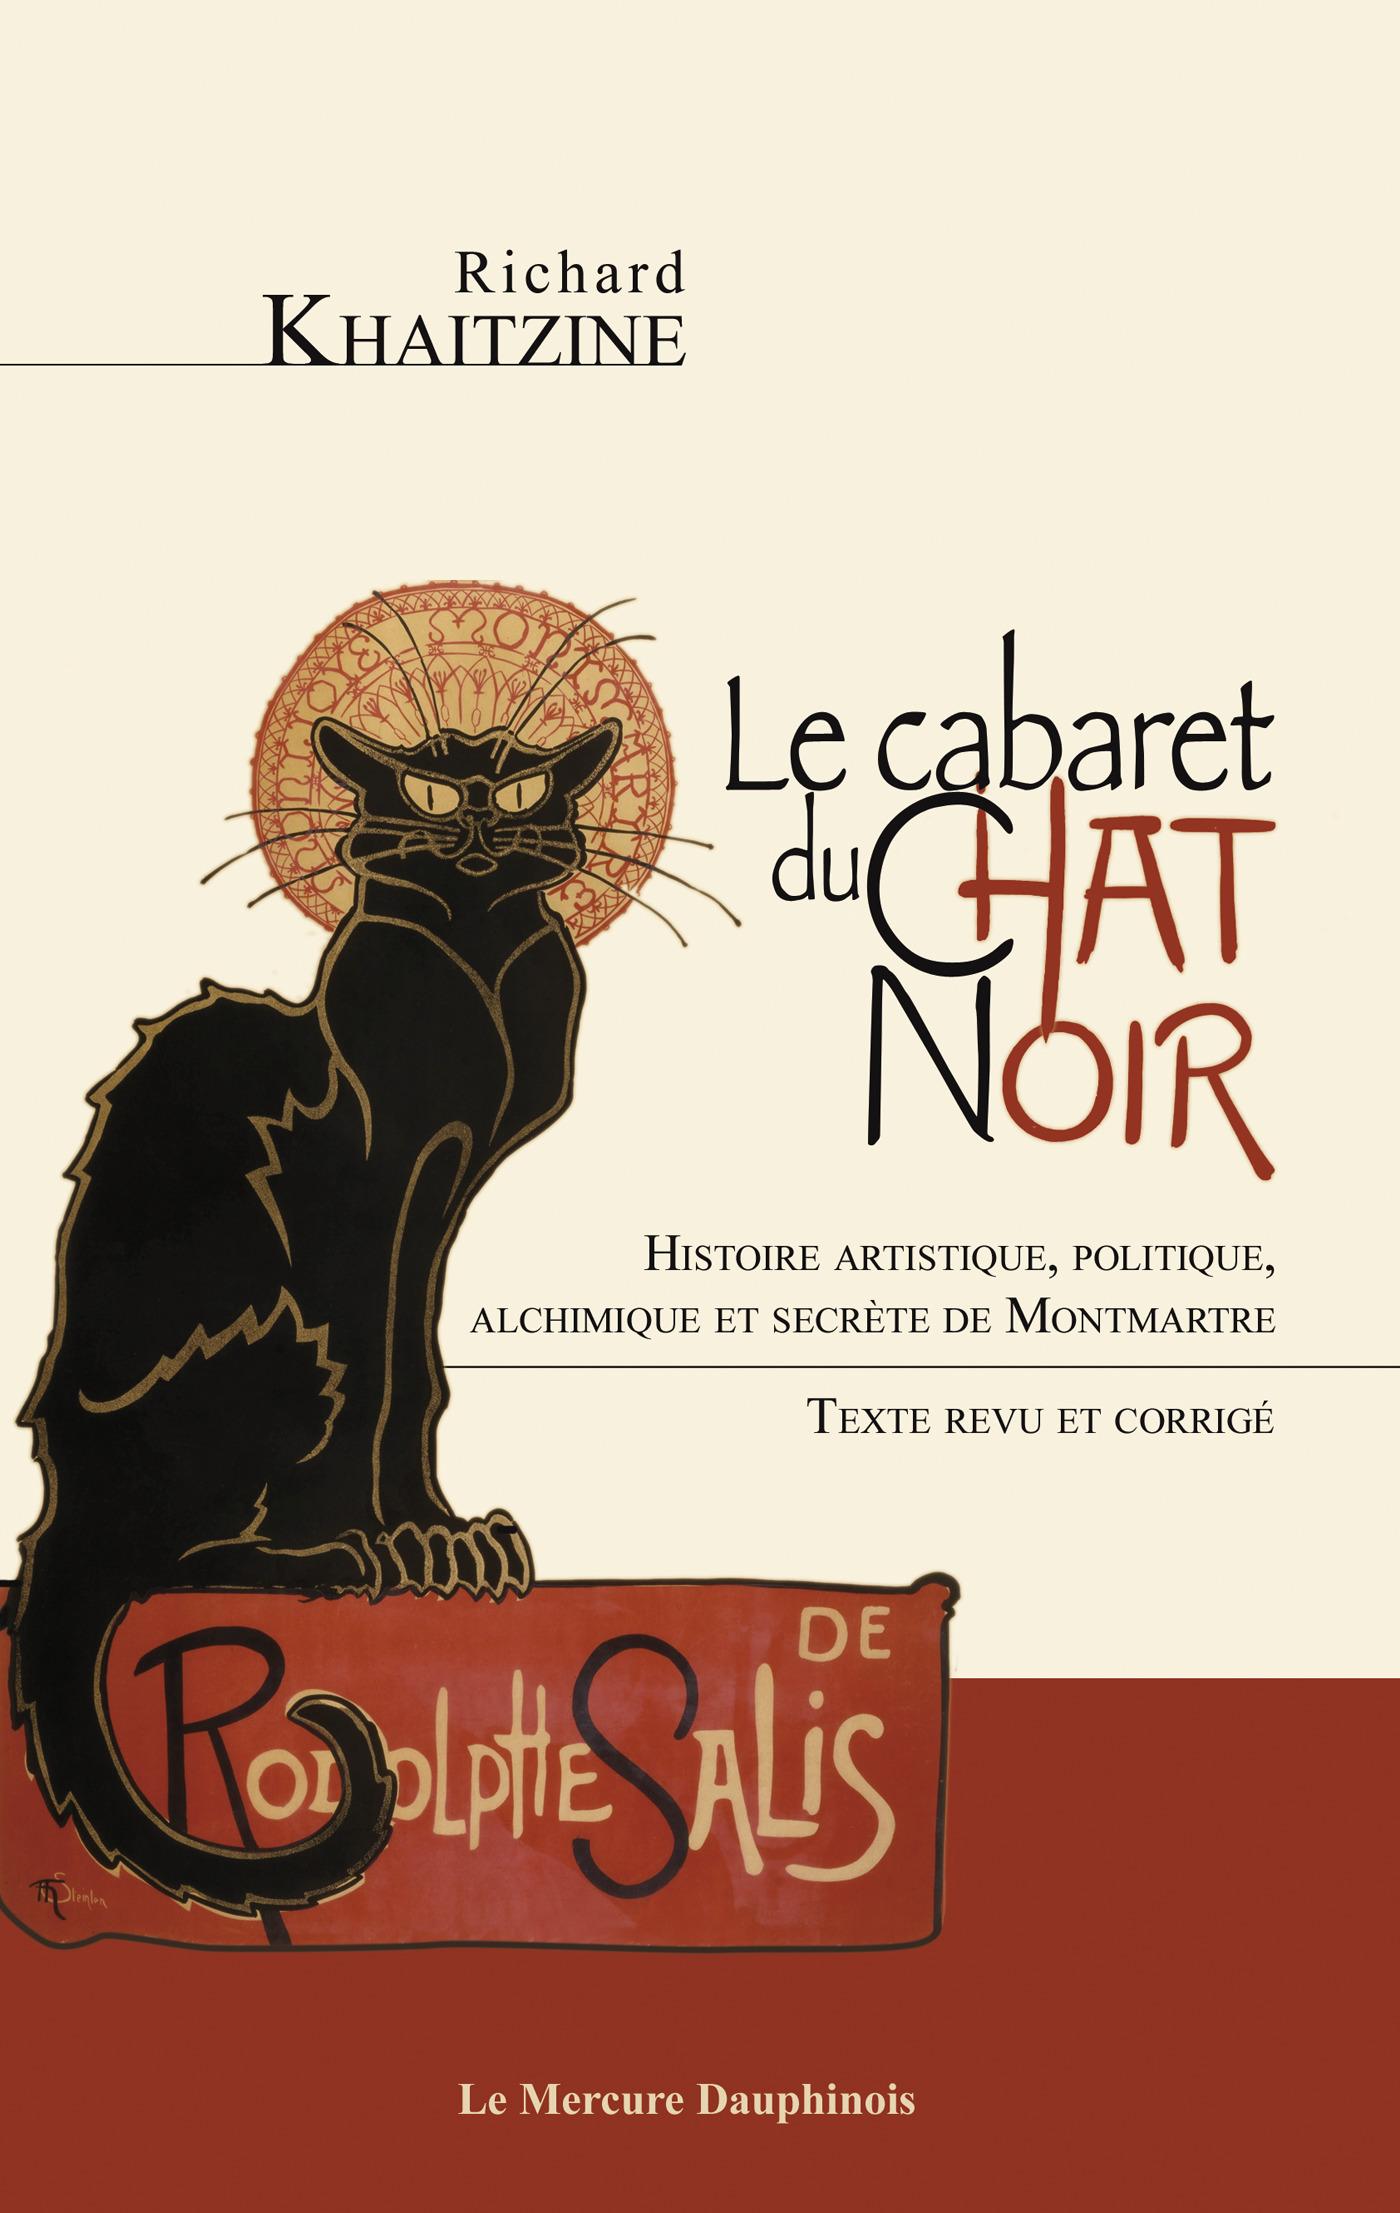 le cabaret du Chat noir ; histoire artistique, politique, alchimique et secrète de Montmartre